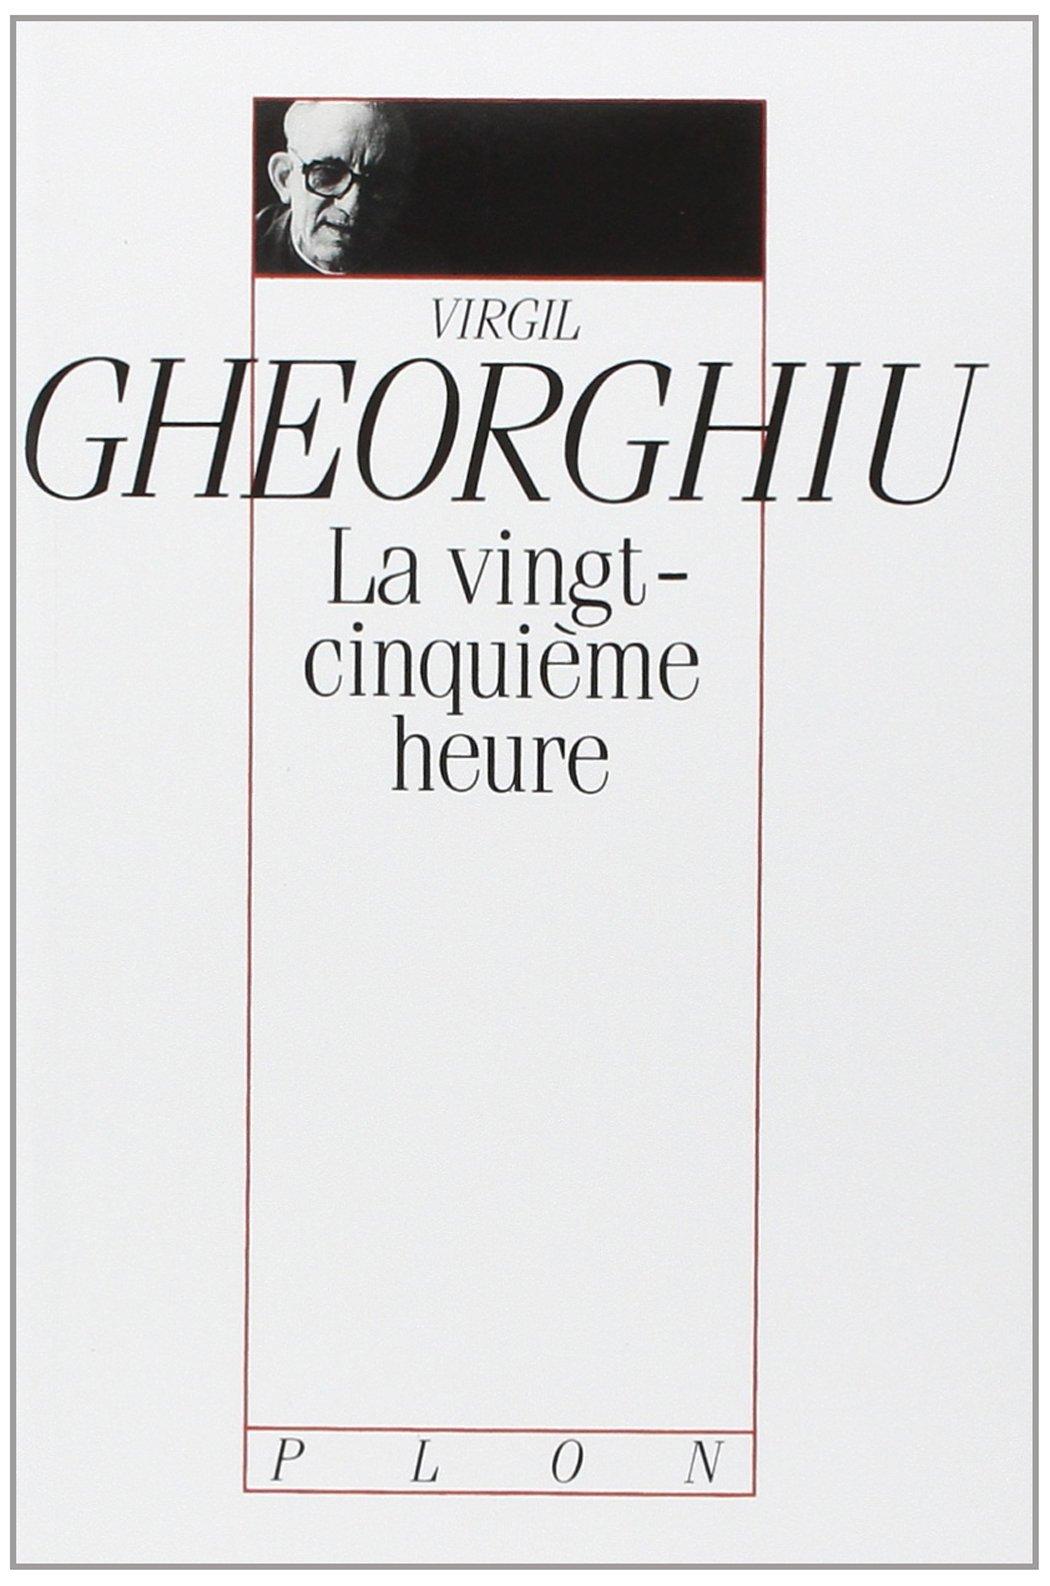 La Vingt-Cinquième Heure - Virgil Gheorghiu